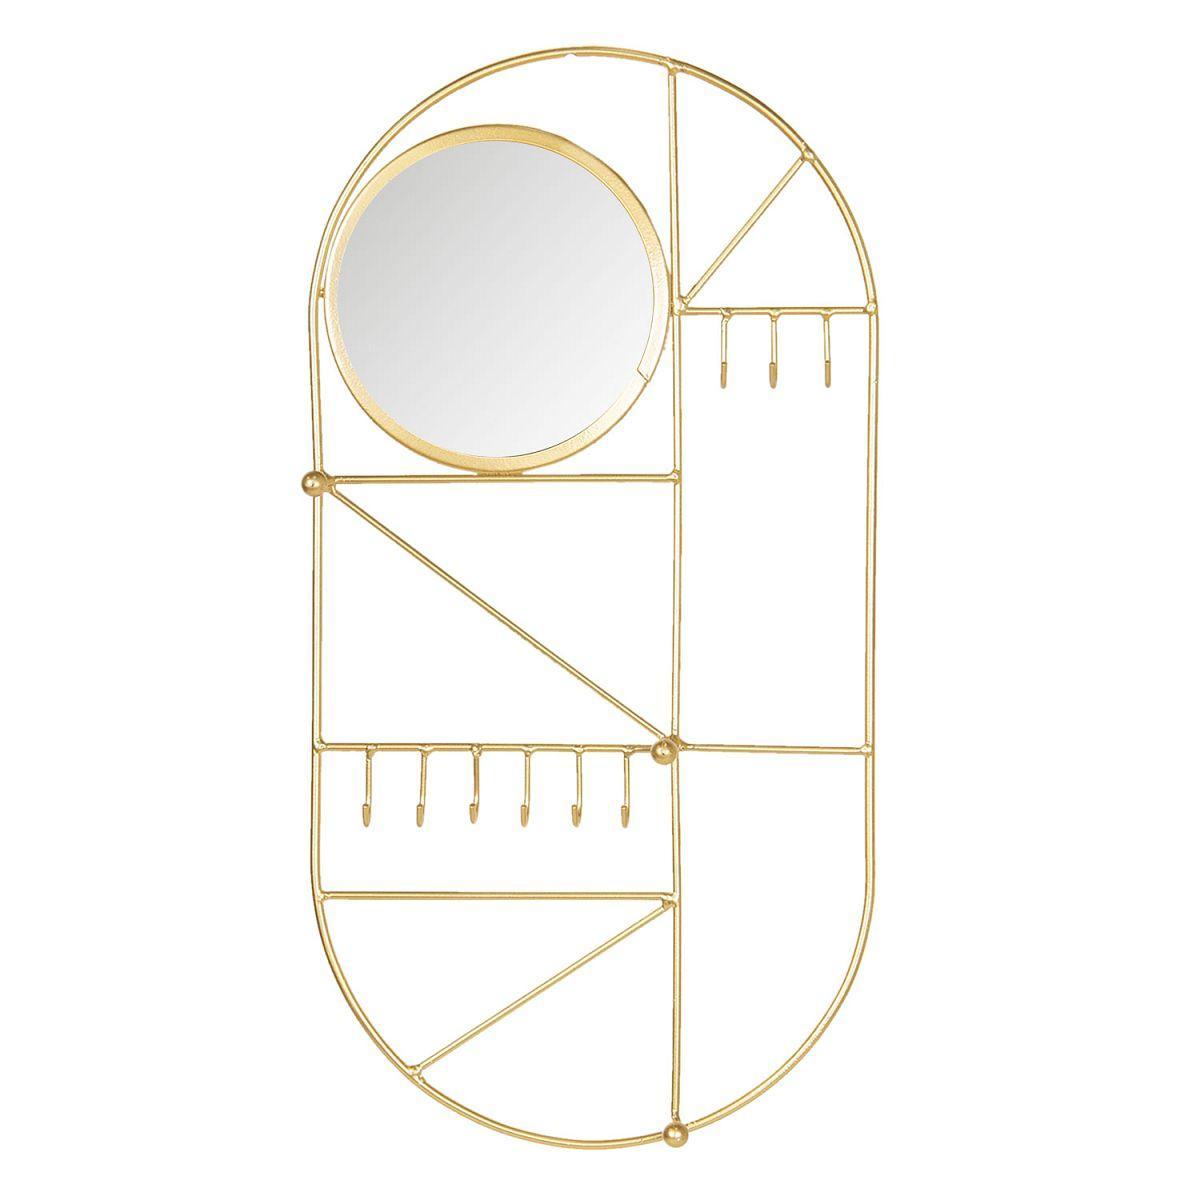 Nástěnný věšák na bižuterii se zrcadlem